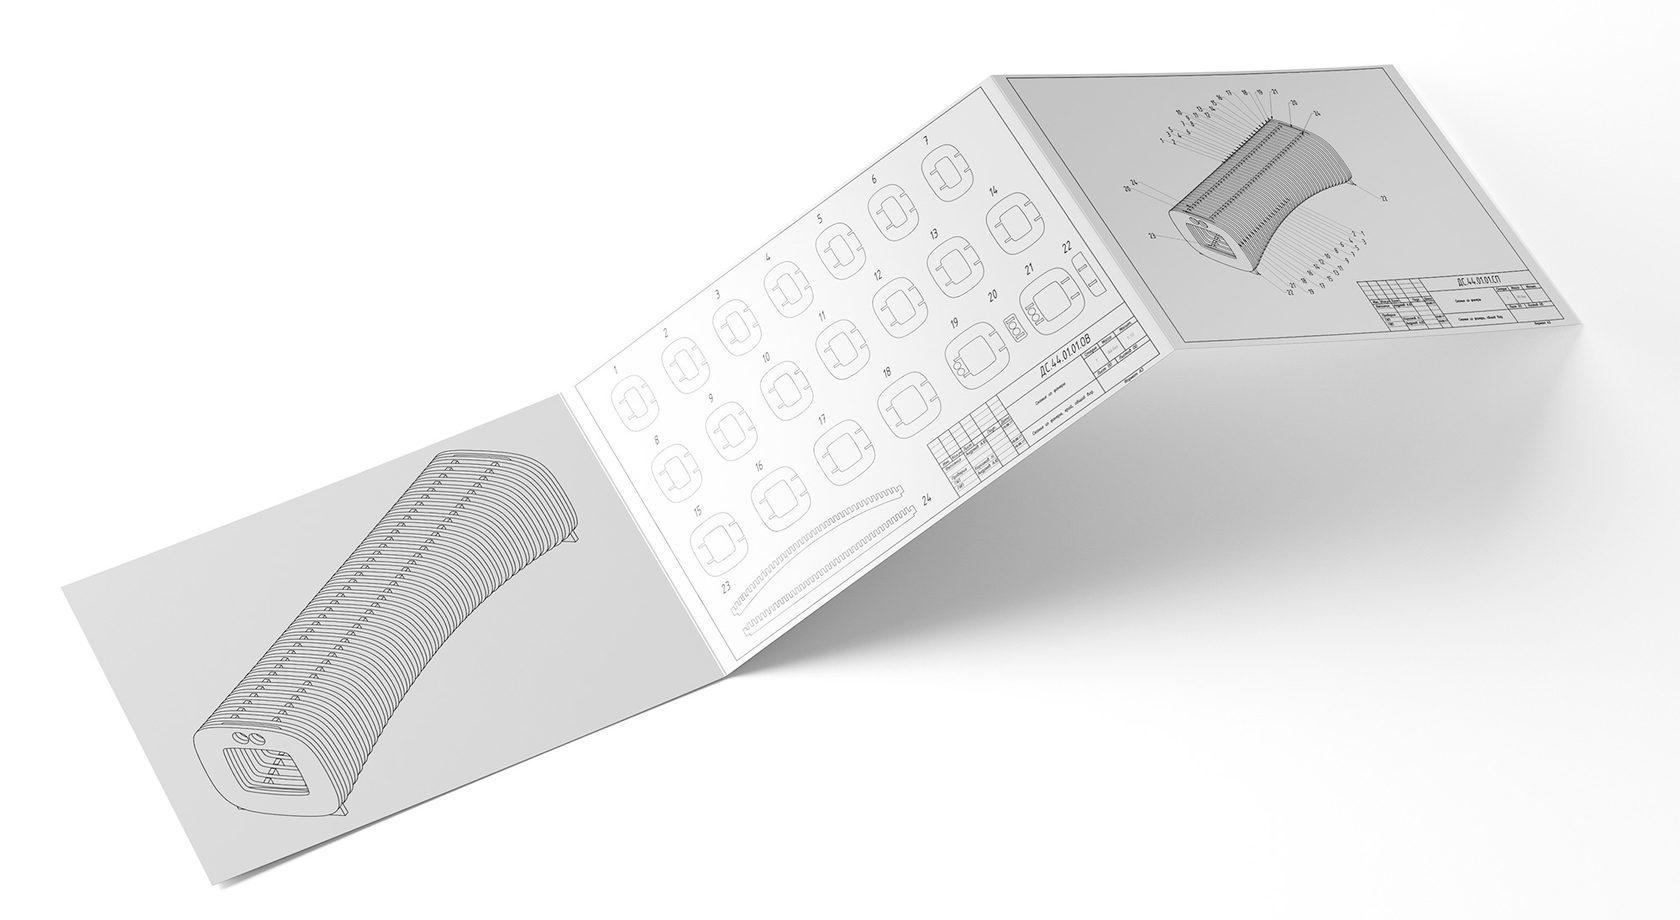 чертеж скамейка параметрический дизайн